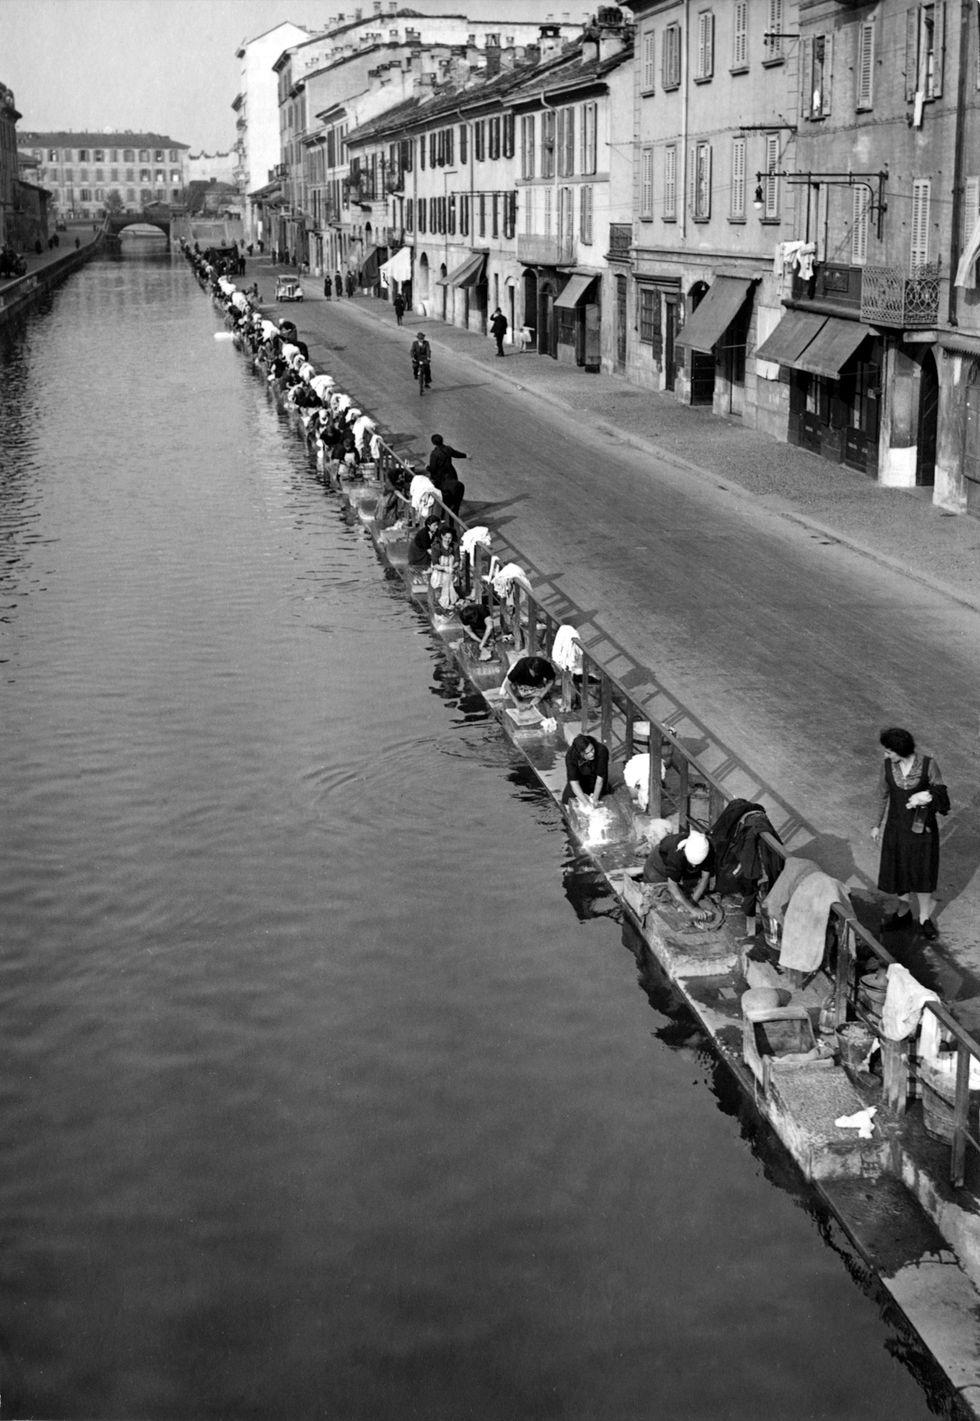 Milano, Il Naviglio, 1938